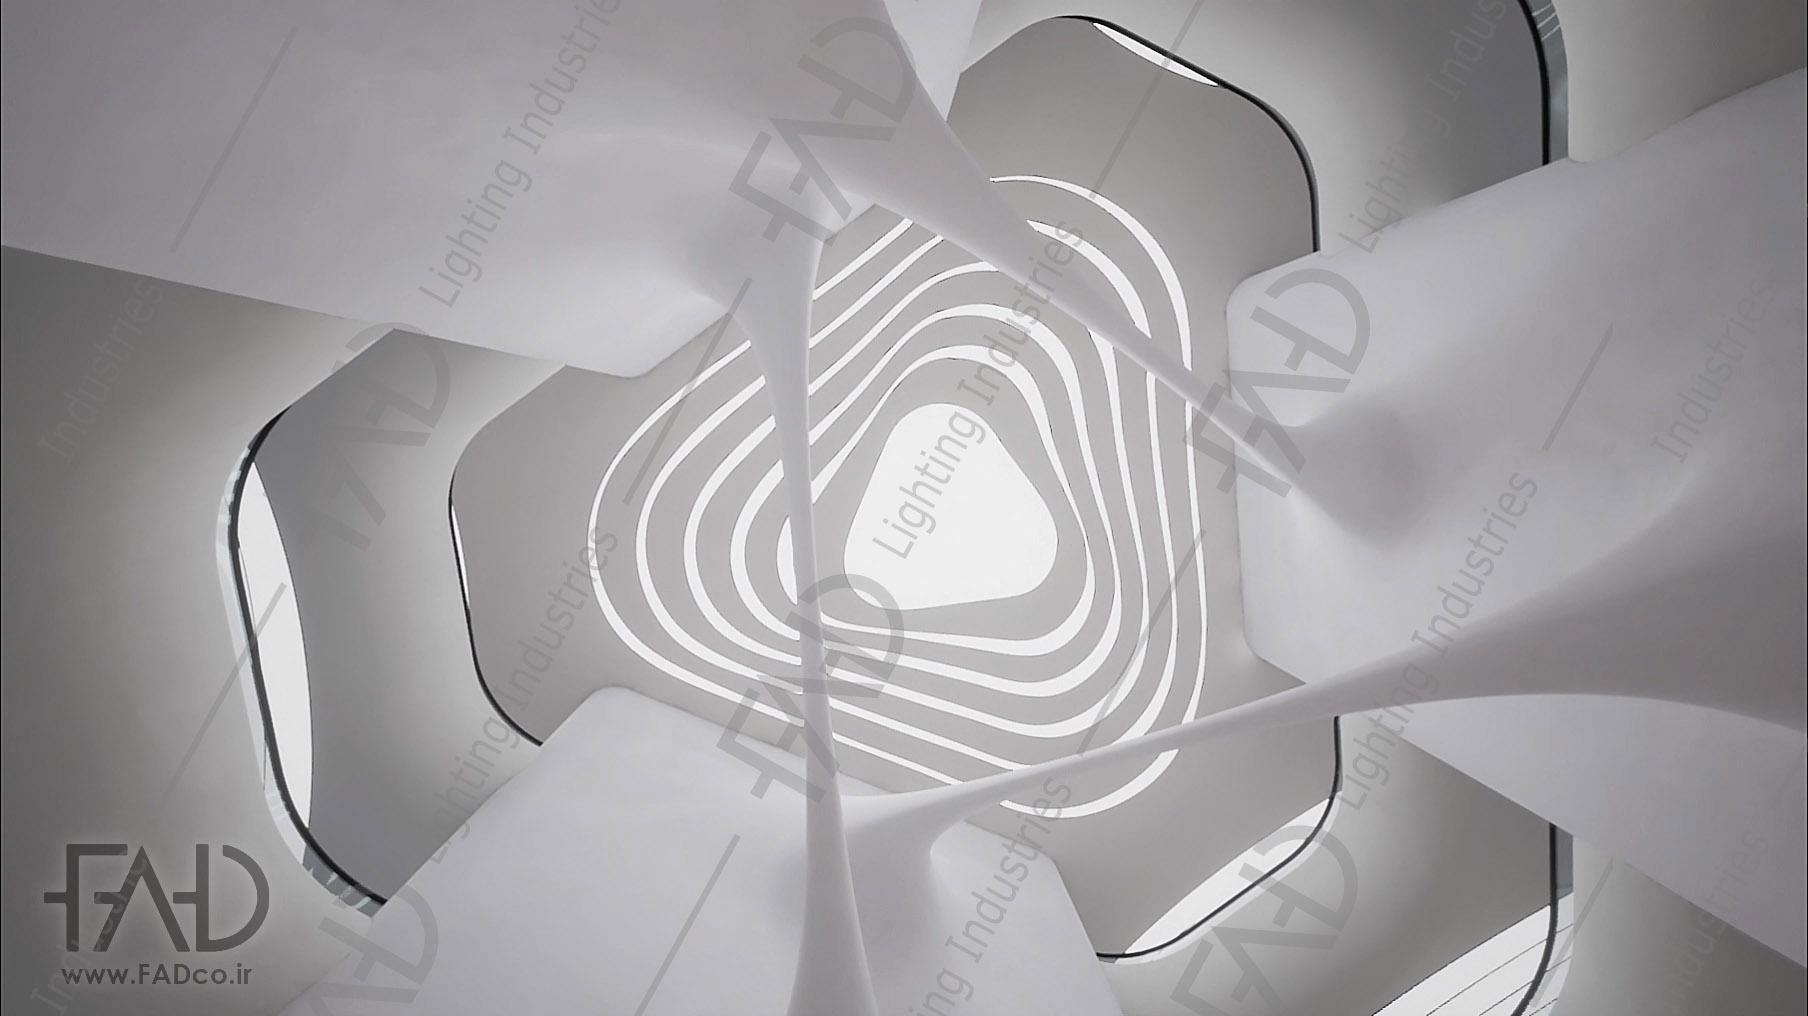 شرکت روشنایی فاد - هتل پاسارگاد فرشته